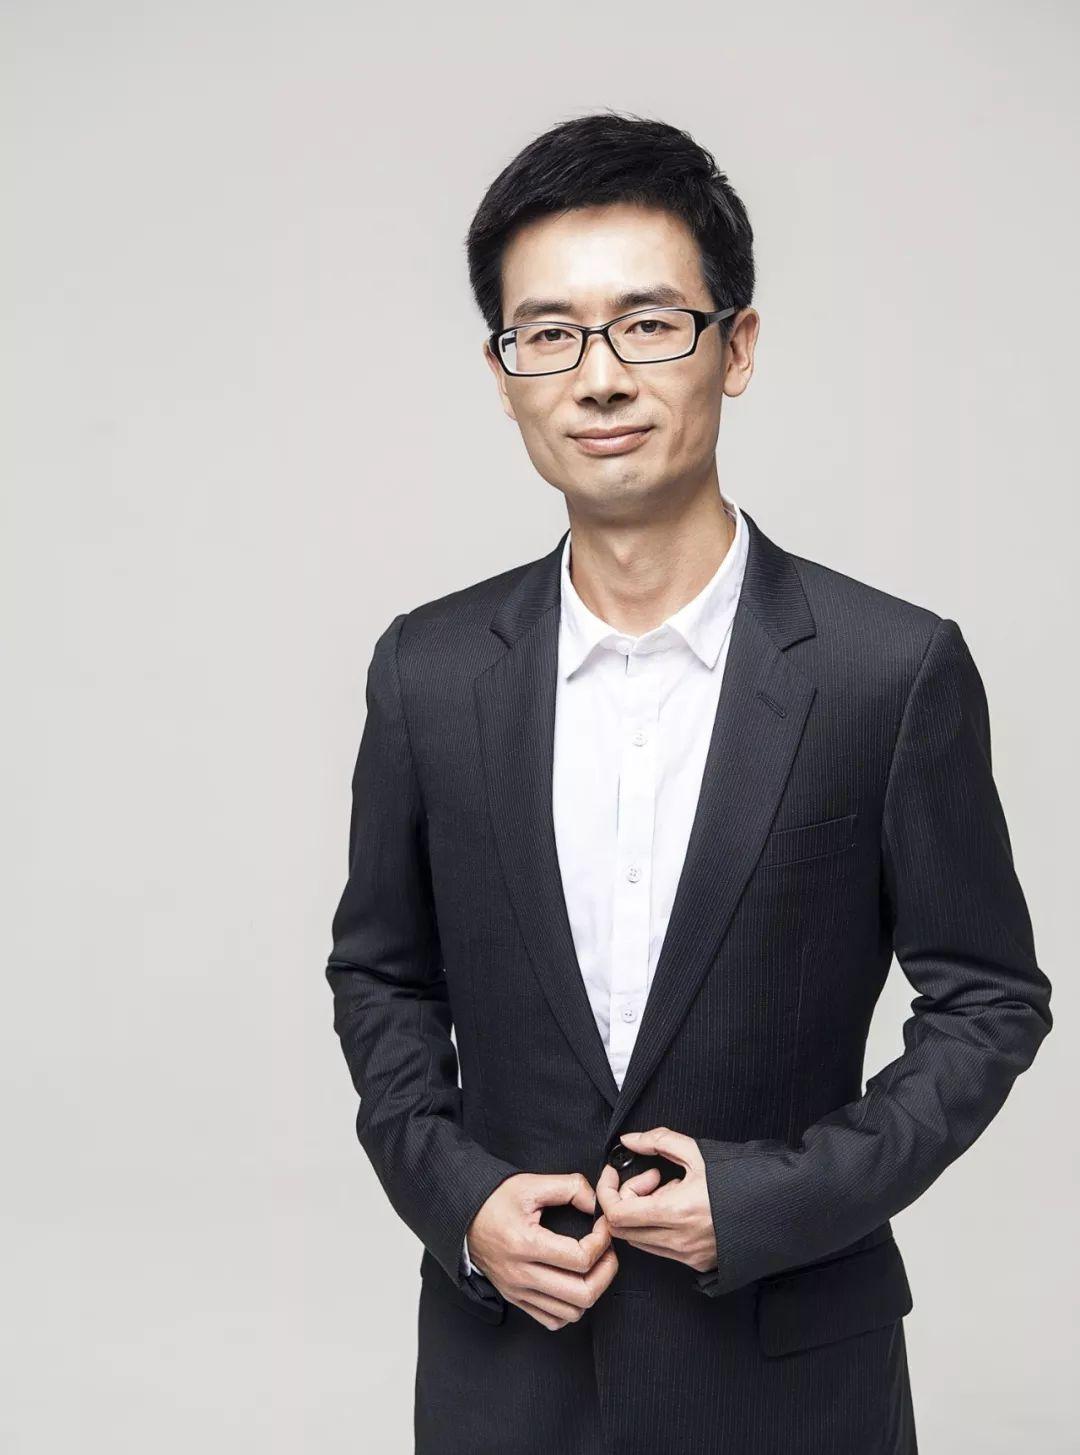 京东金融陈生强:我服务金融机构,不做金融服务